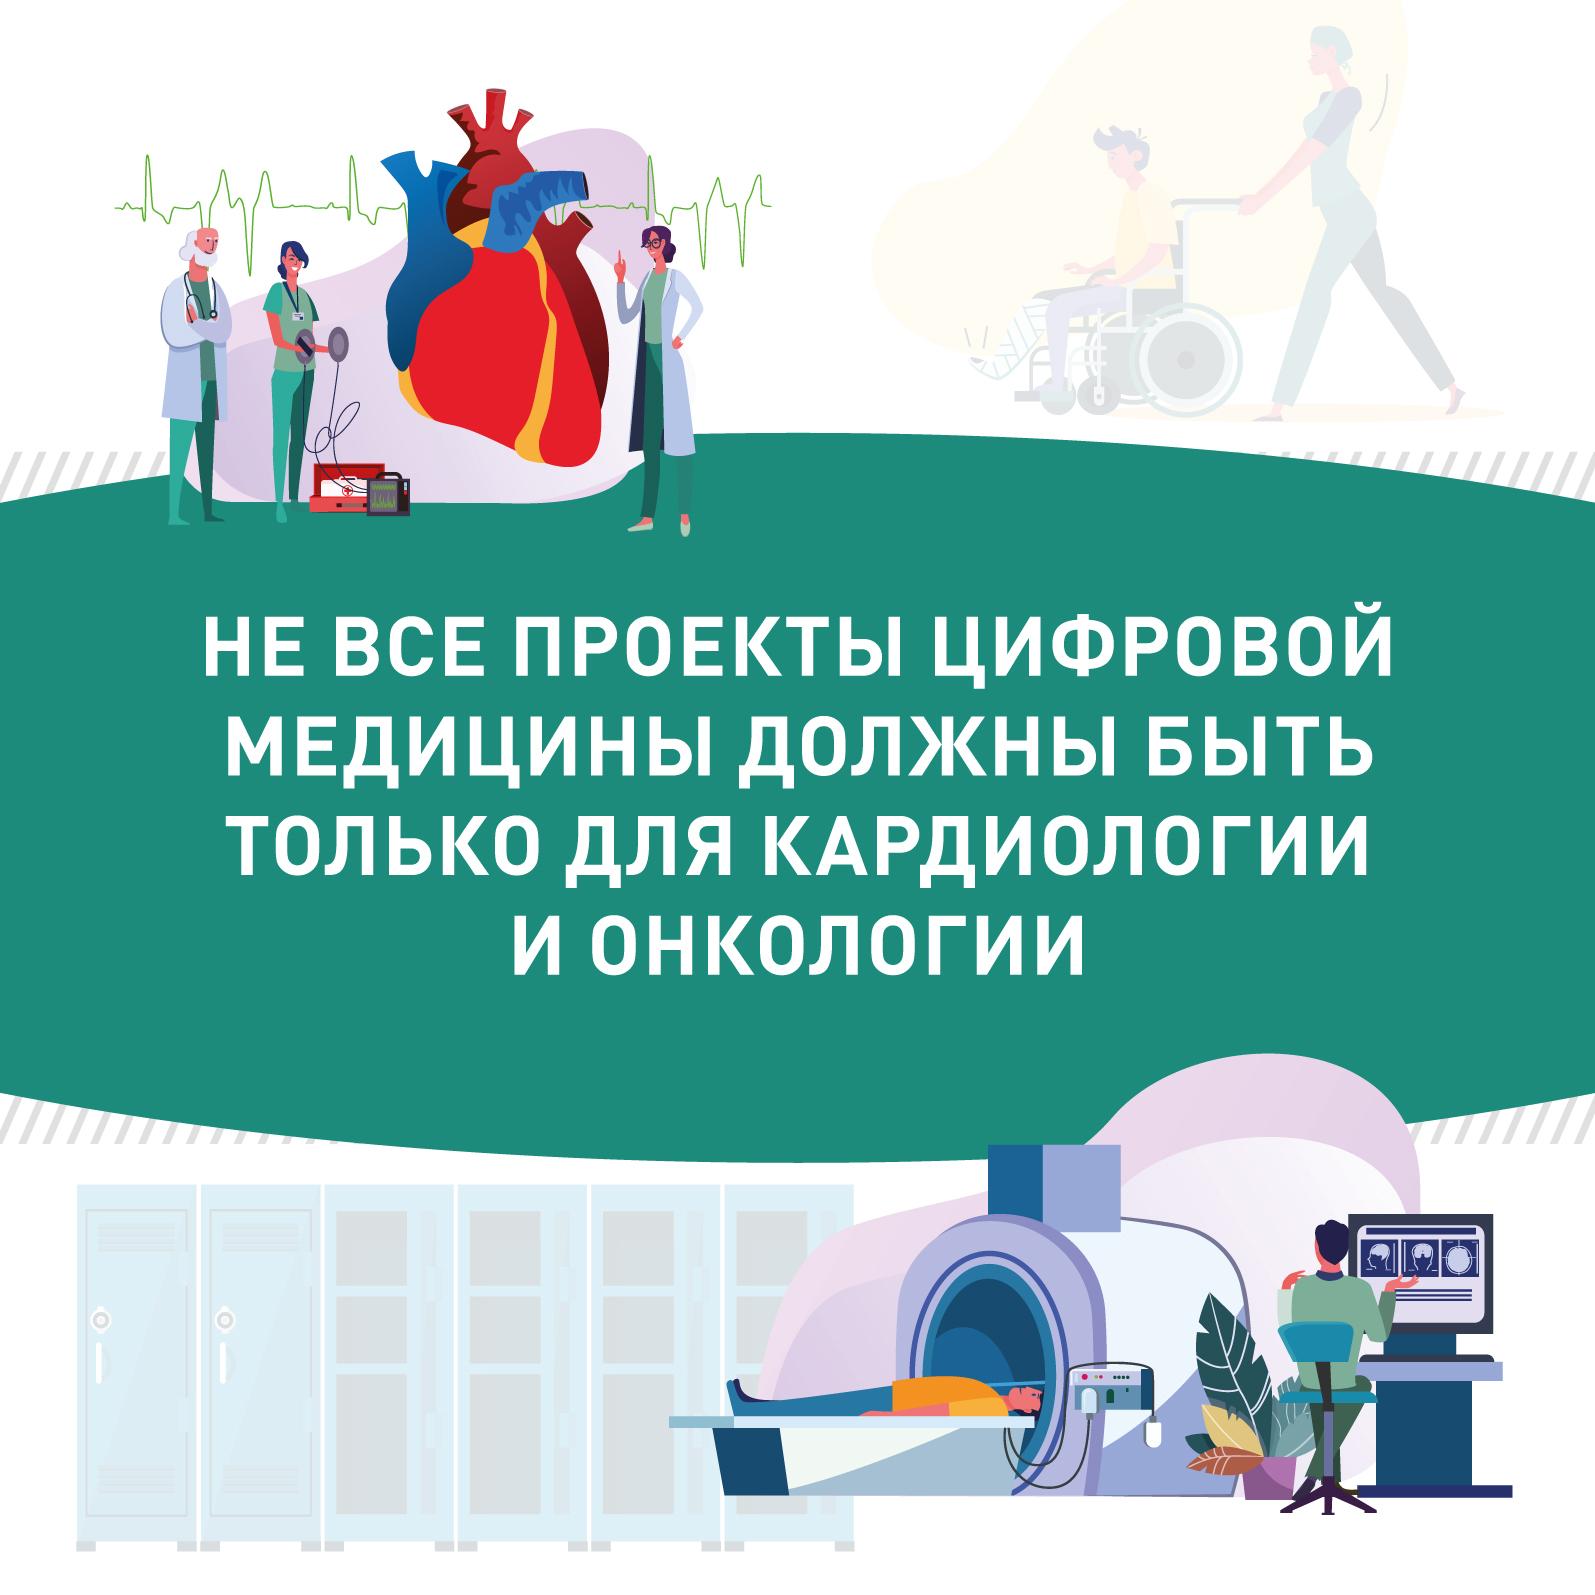 Не все проекты цифровой медицины должны быть только для кардиологии и онкологии